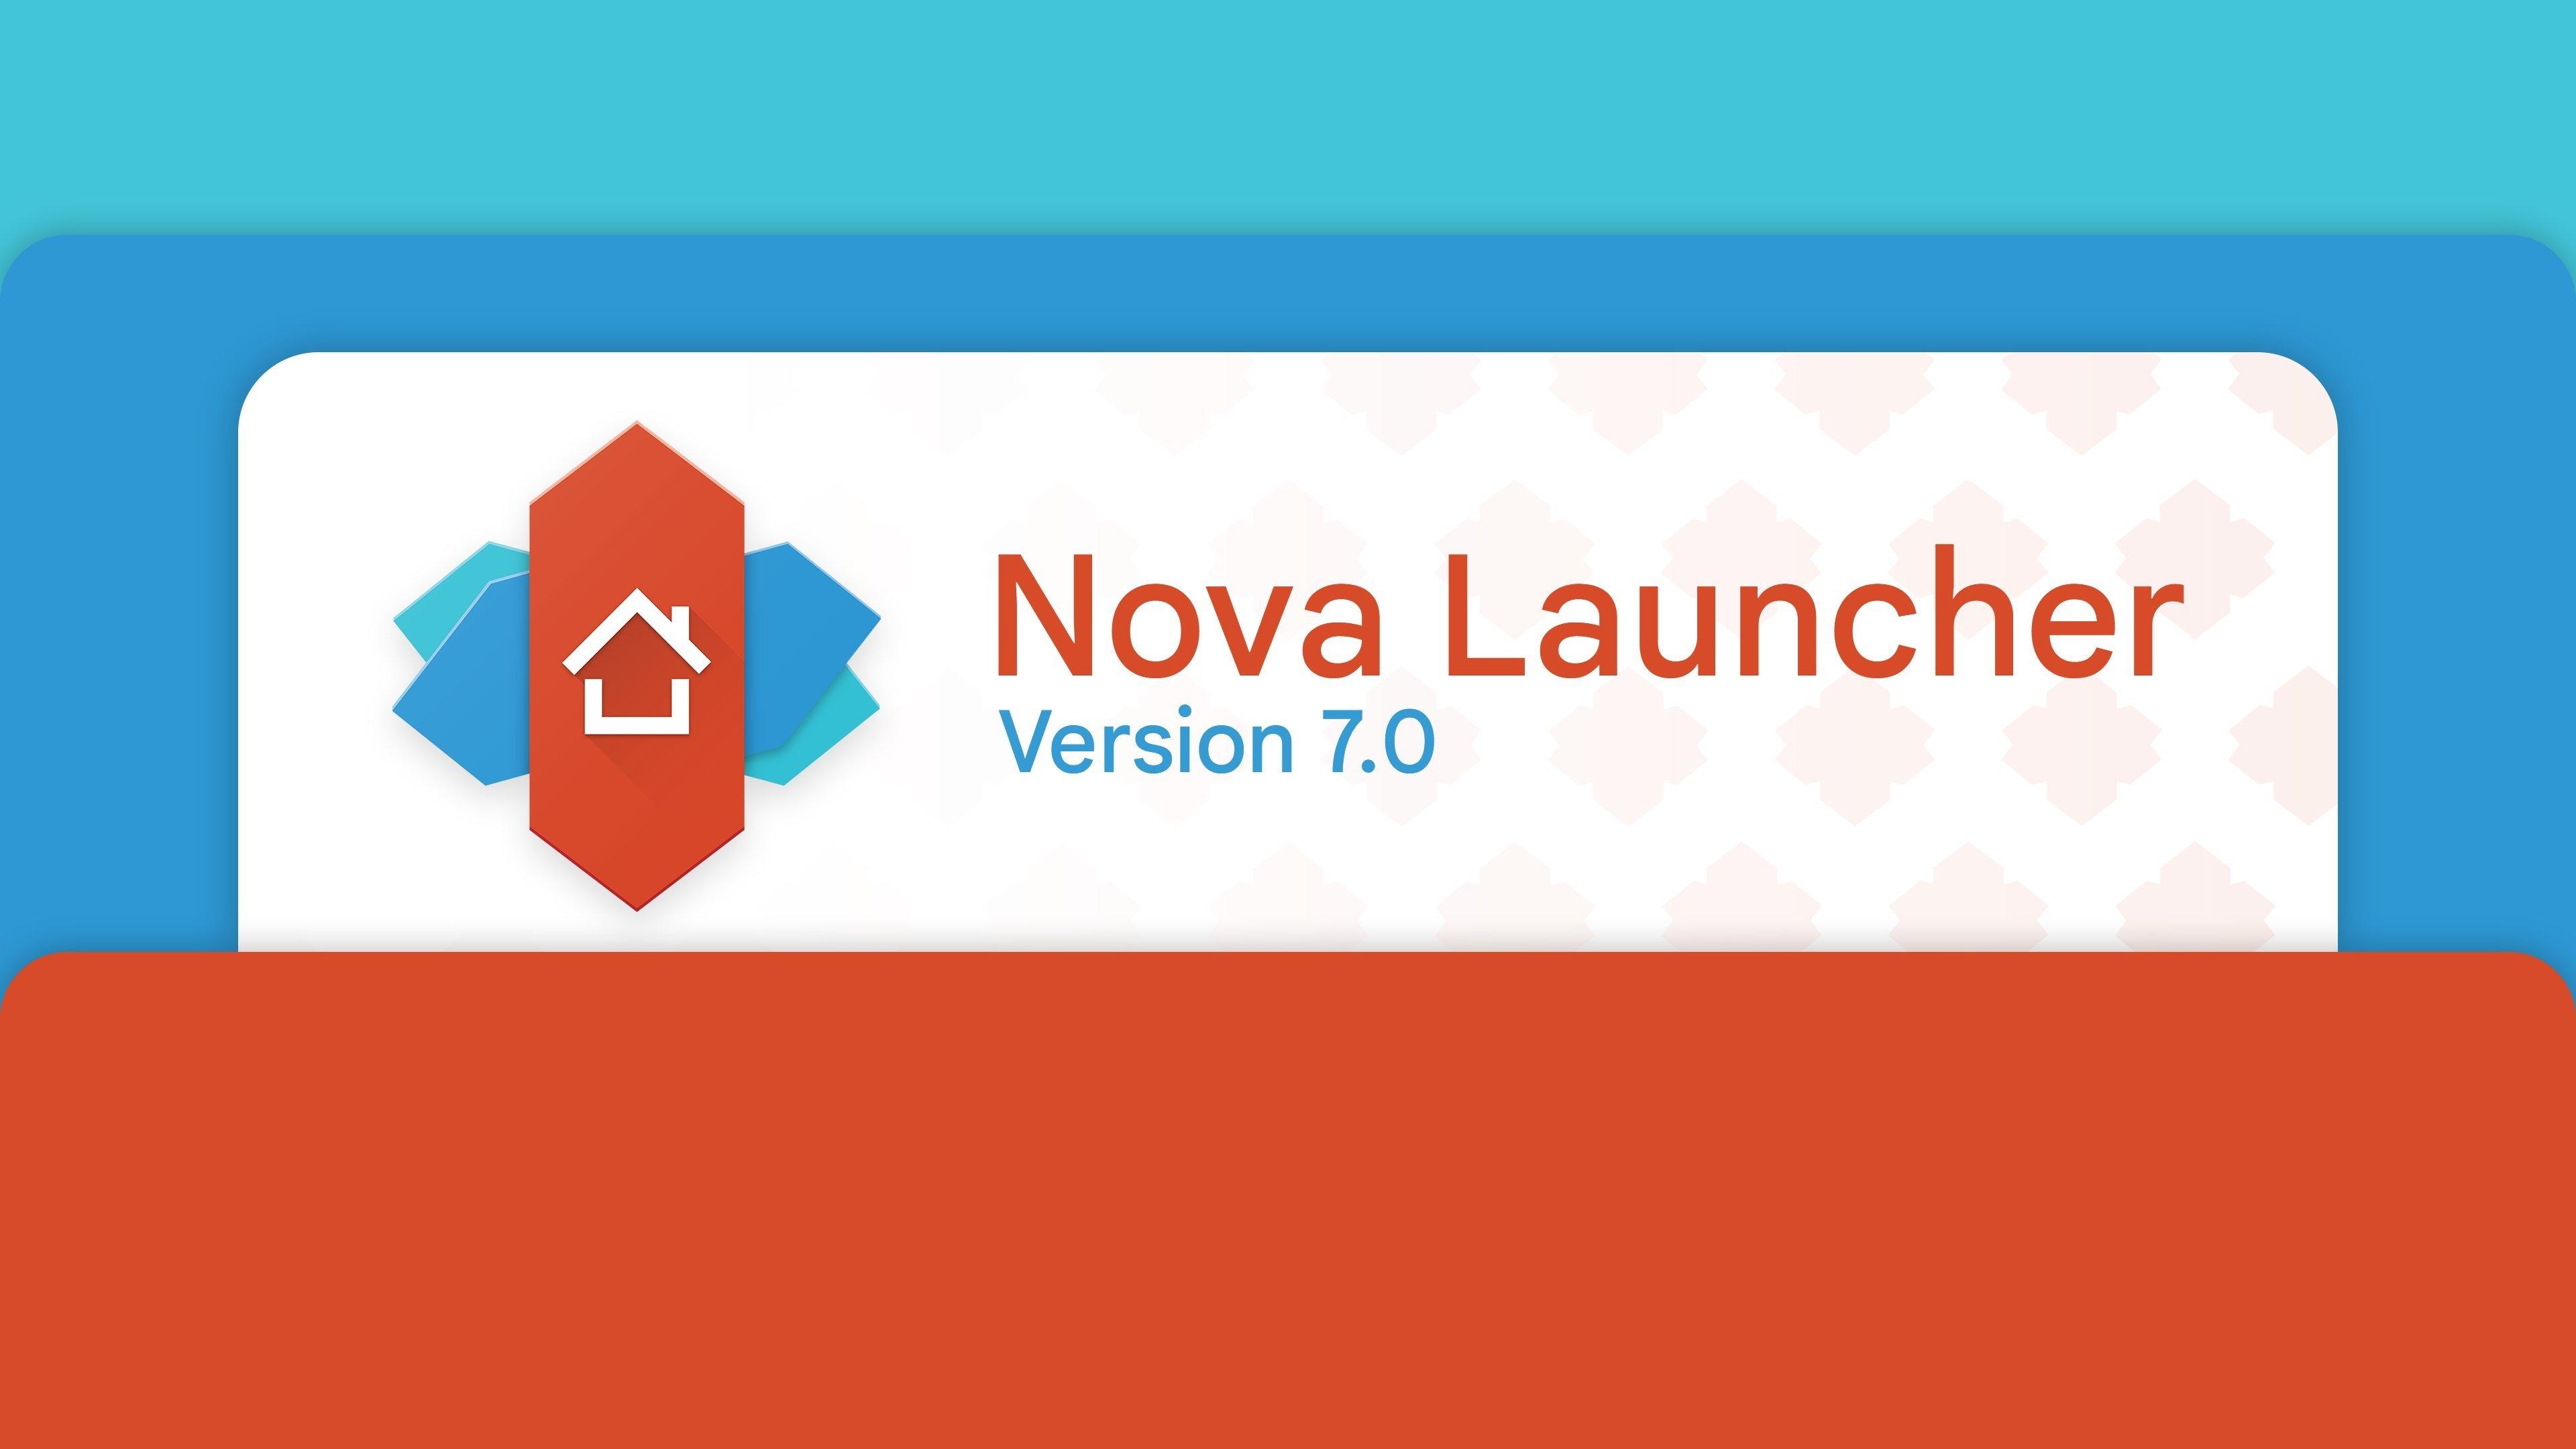 Nova launcher 7